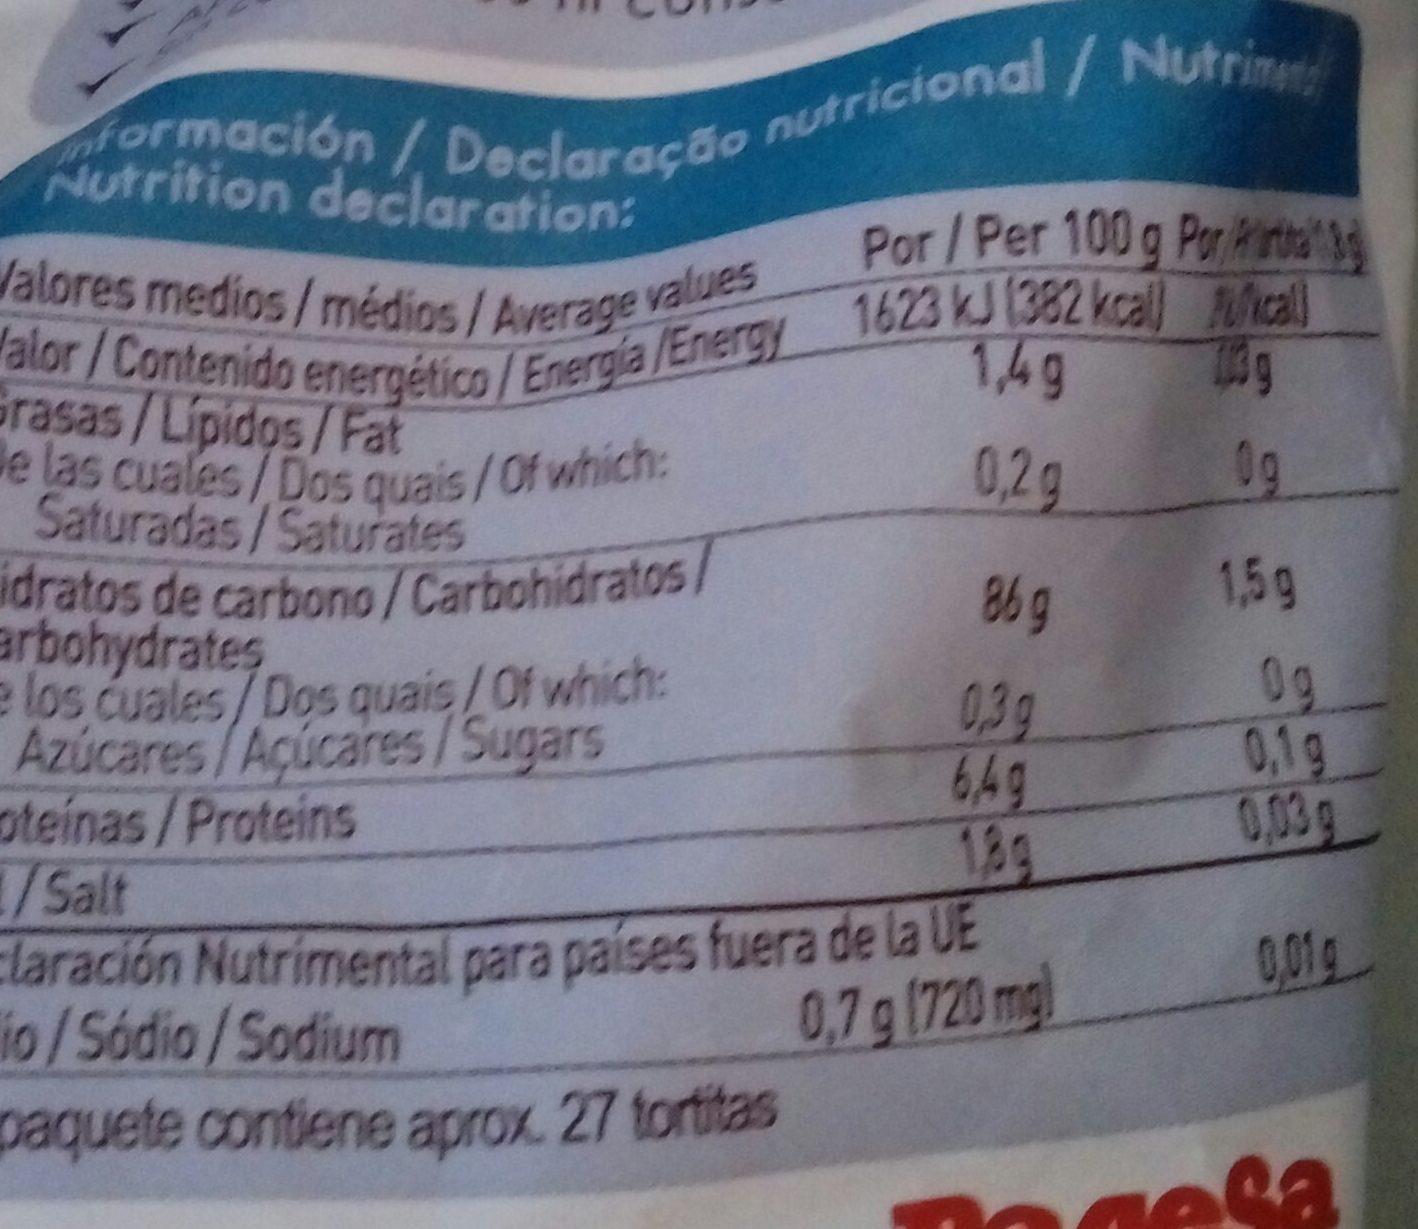 Mini tortitas de maíz y quinoa sin gluten - Información nutricional